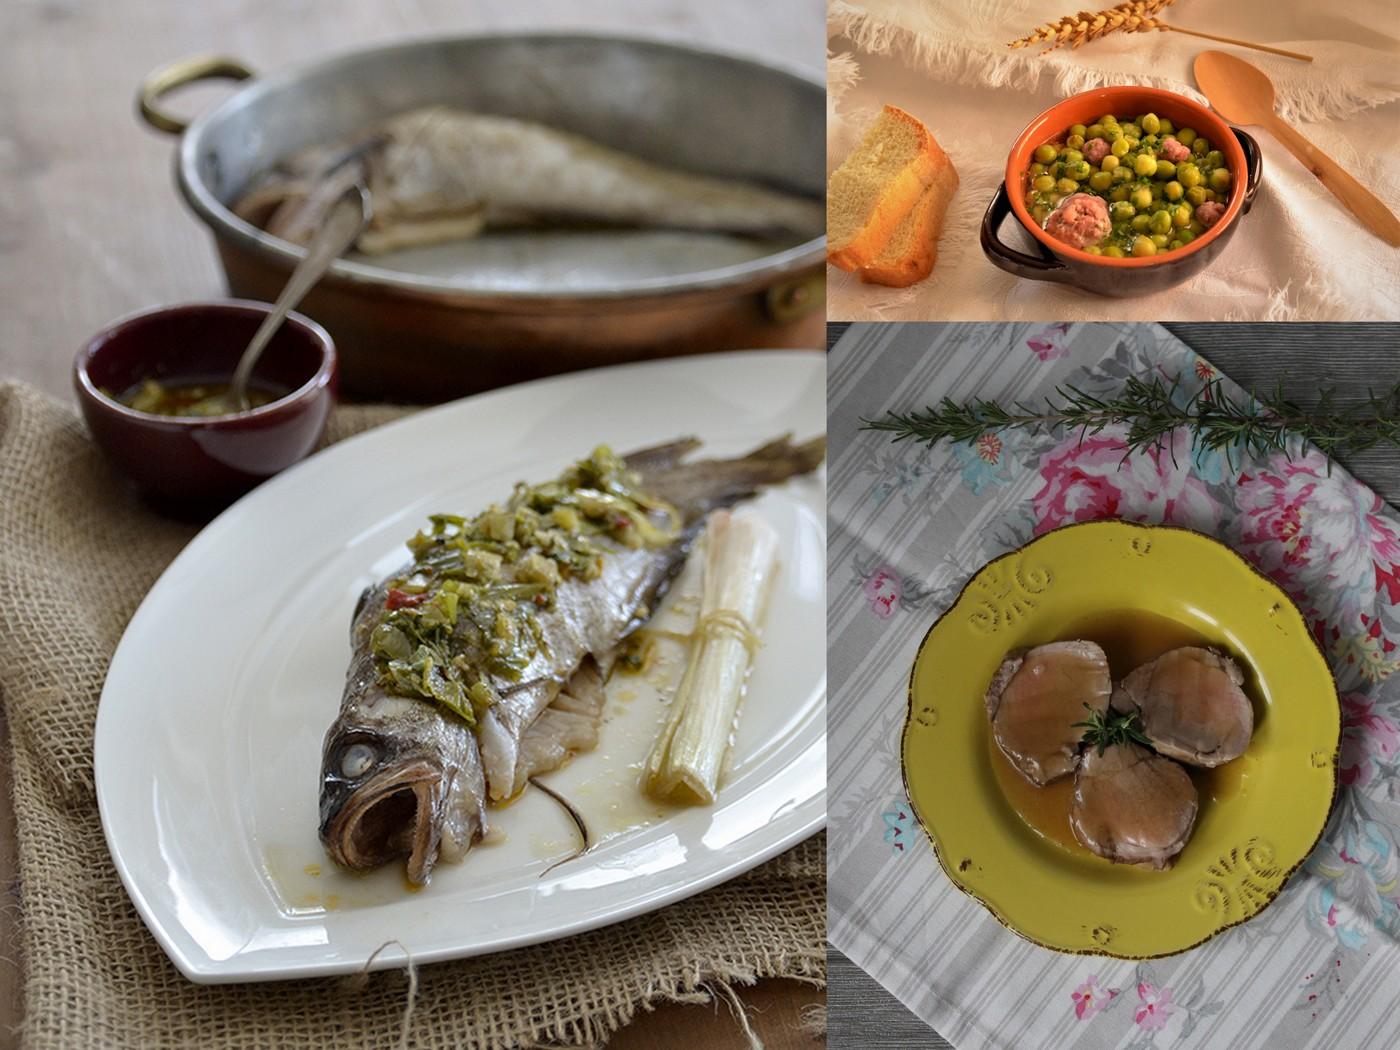 cucina dell'antica roma